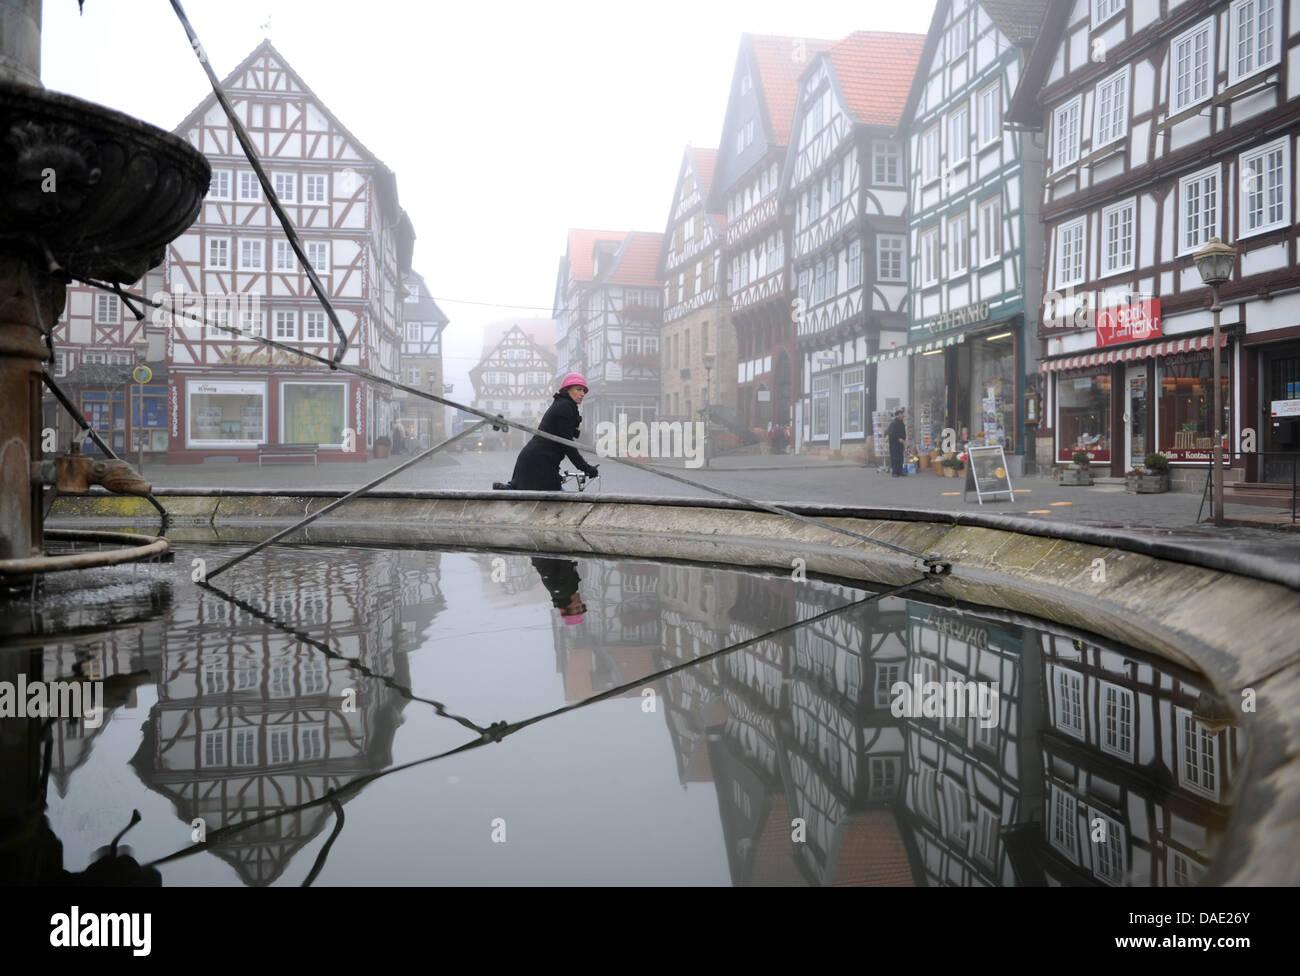 Le brouillard apparaît reflète dans une fontaine au centre de la vieille ville de Fritzlar, Allemagne, Photo Stock